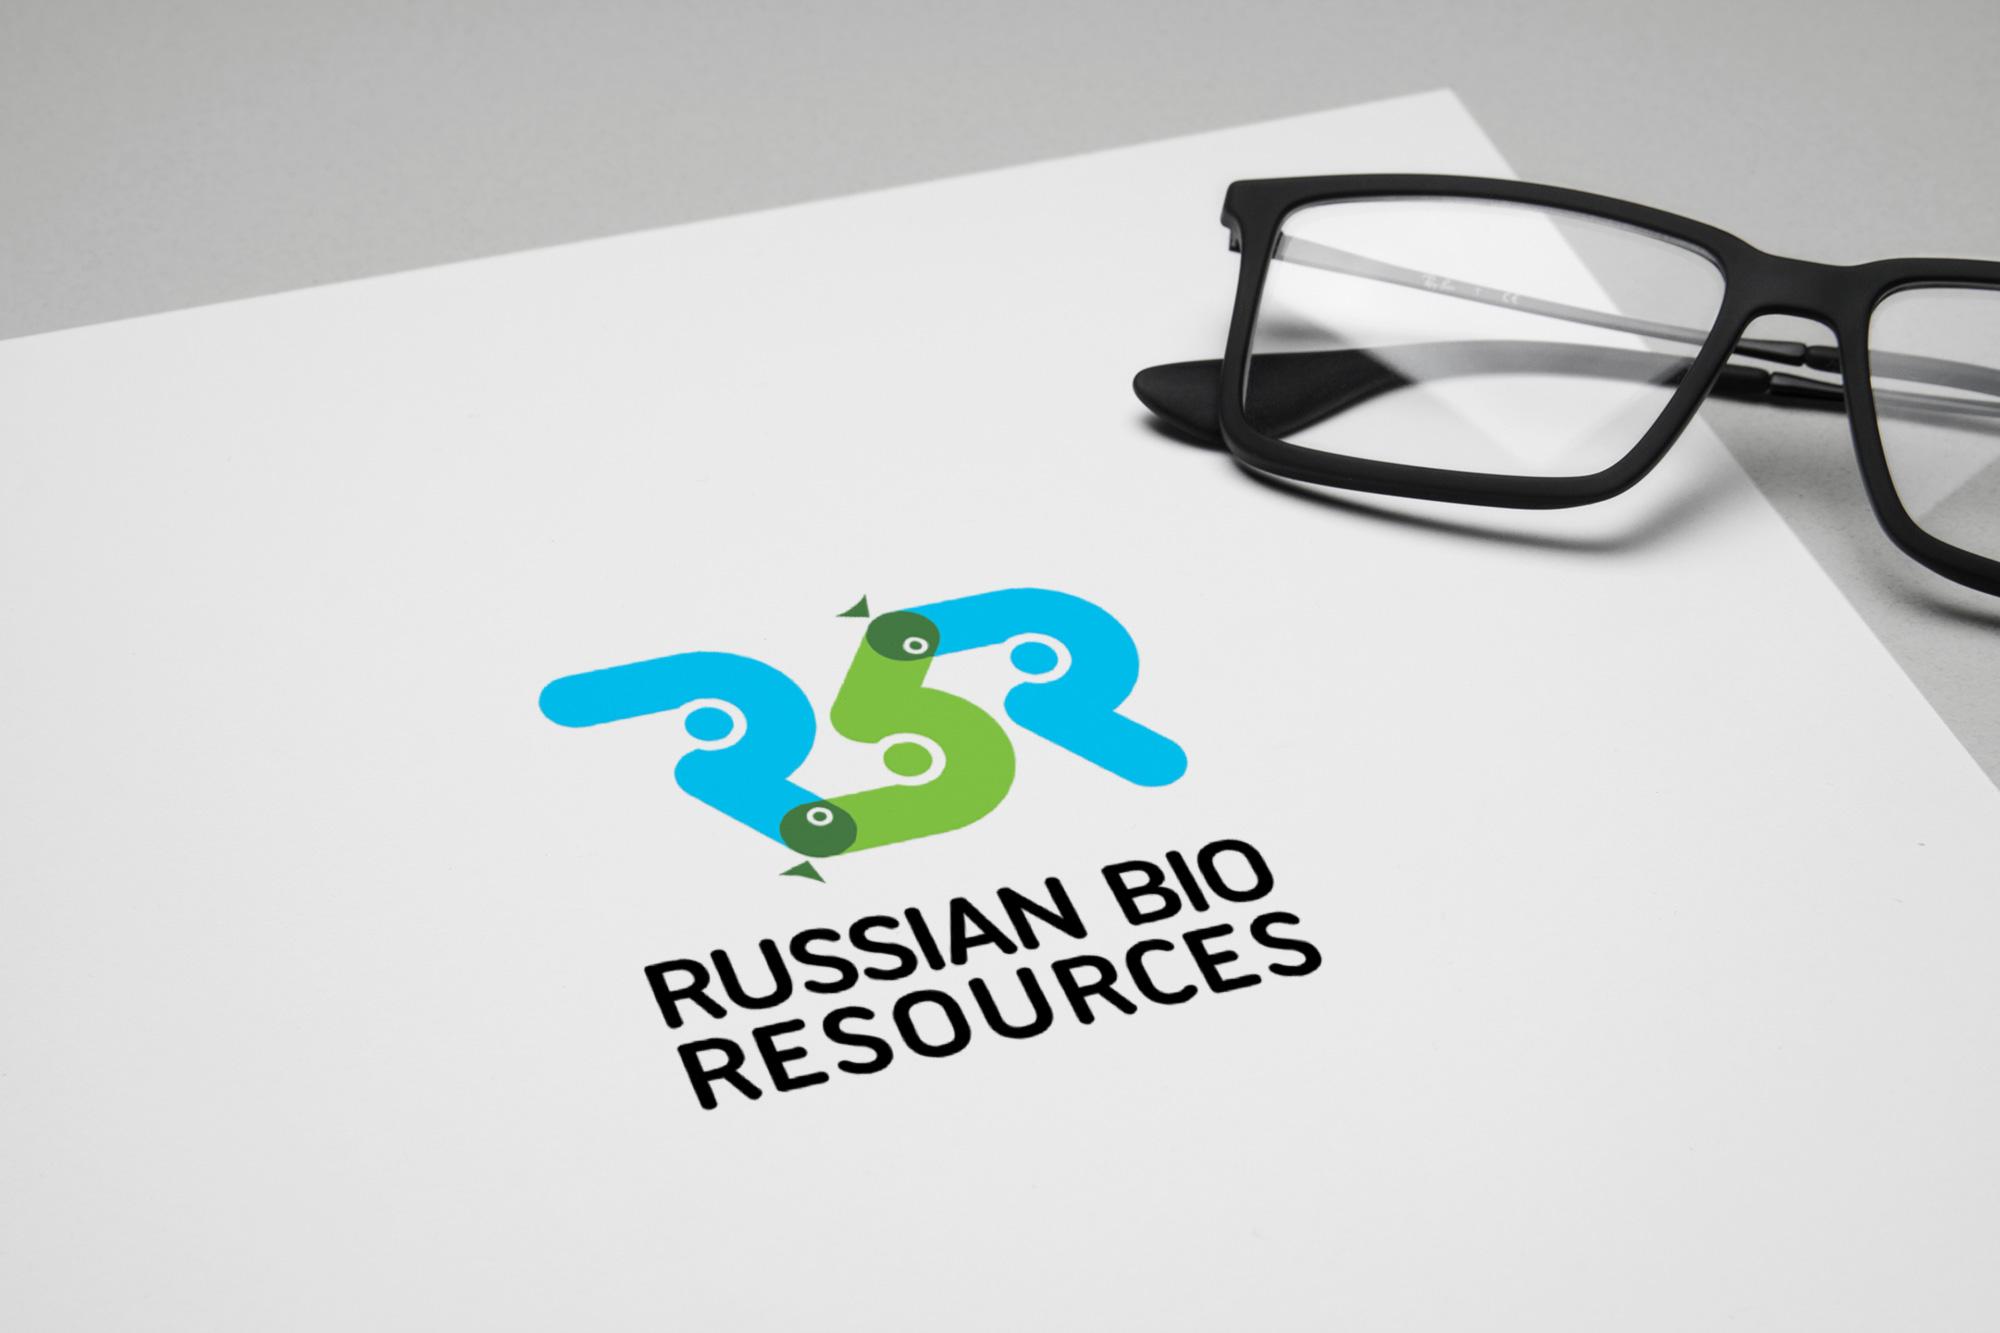 Разработка логотипа для компании «Русские Био Ресурсы» фото f_82558f6223928dac.jpg